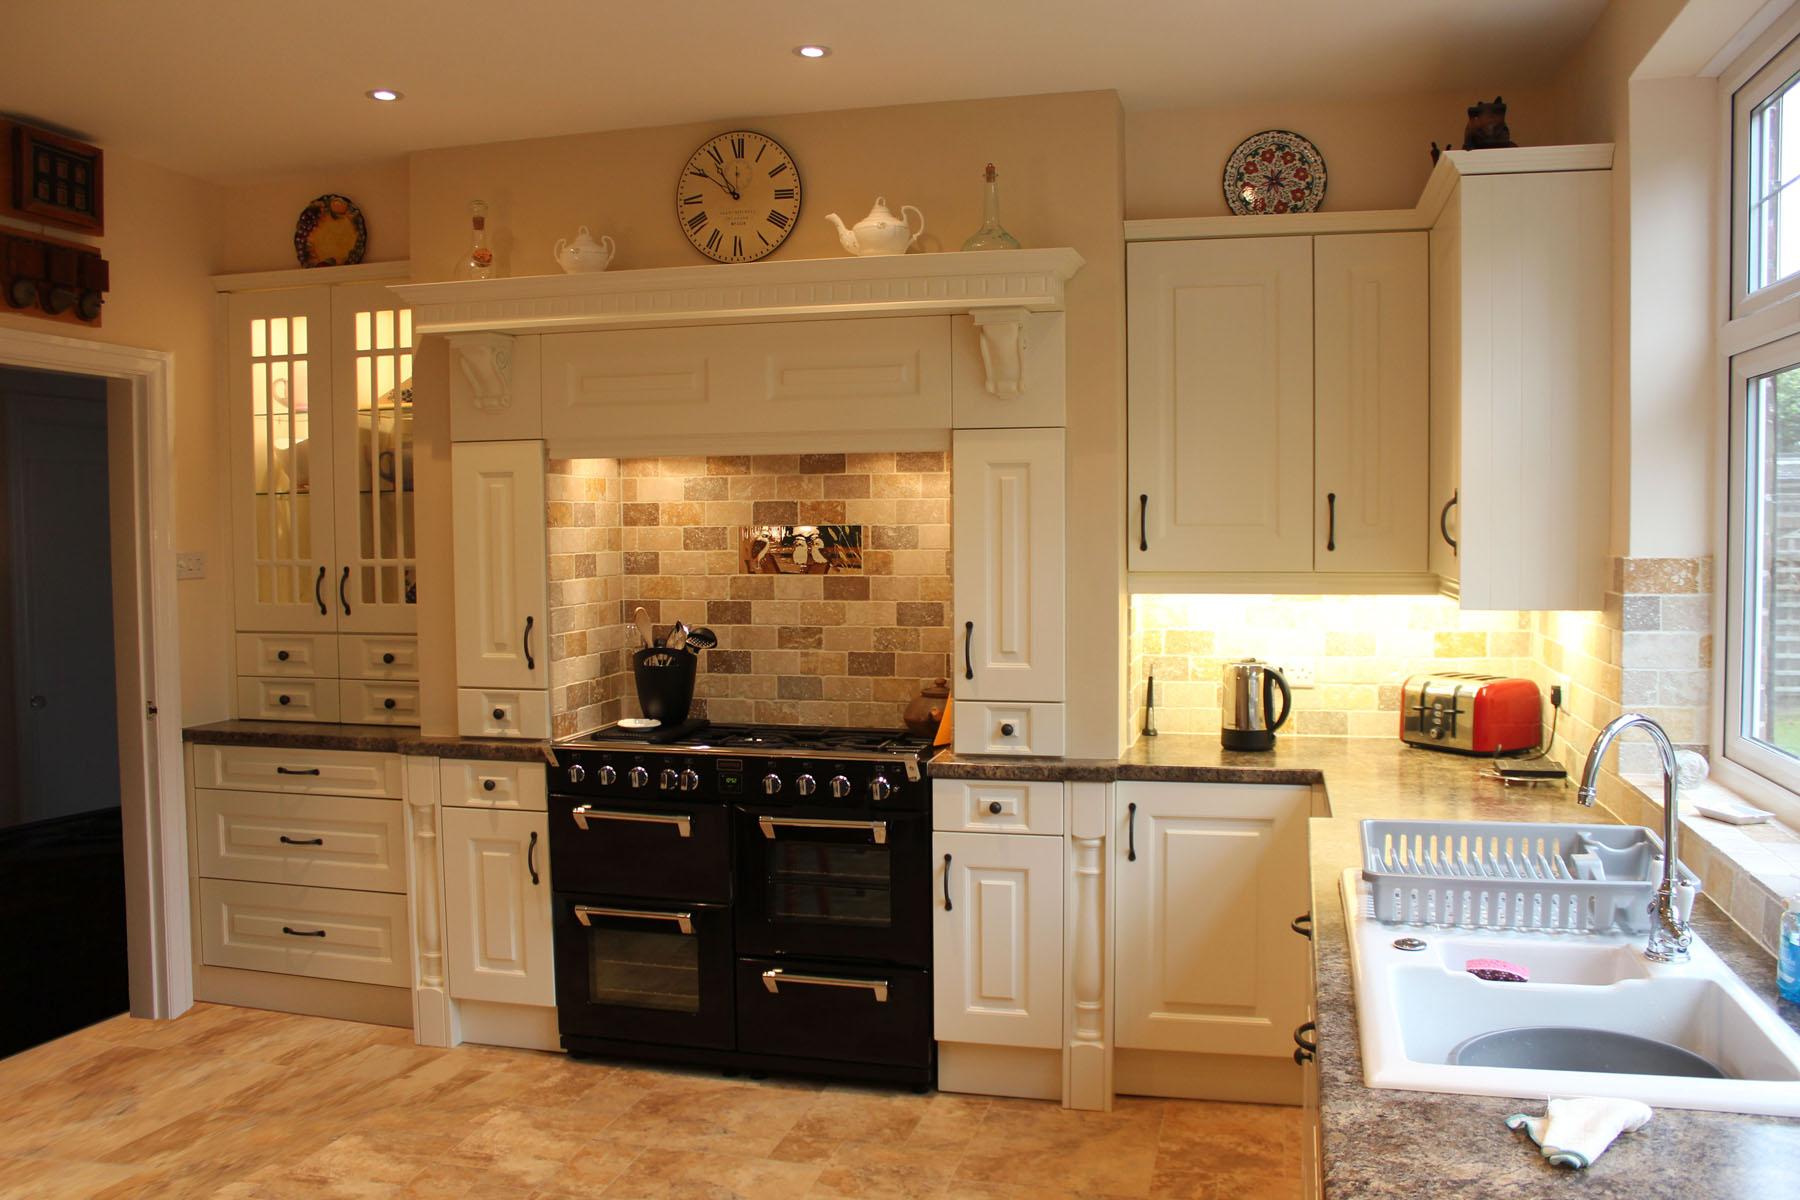 cream kitchen cabinet ideas backsplash tile design traditional hallmark designs